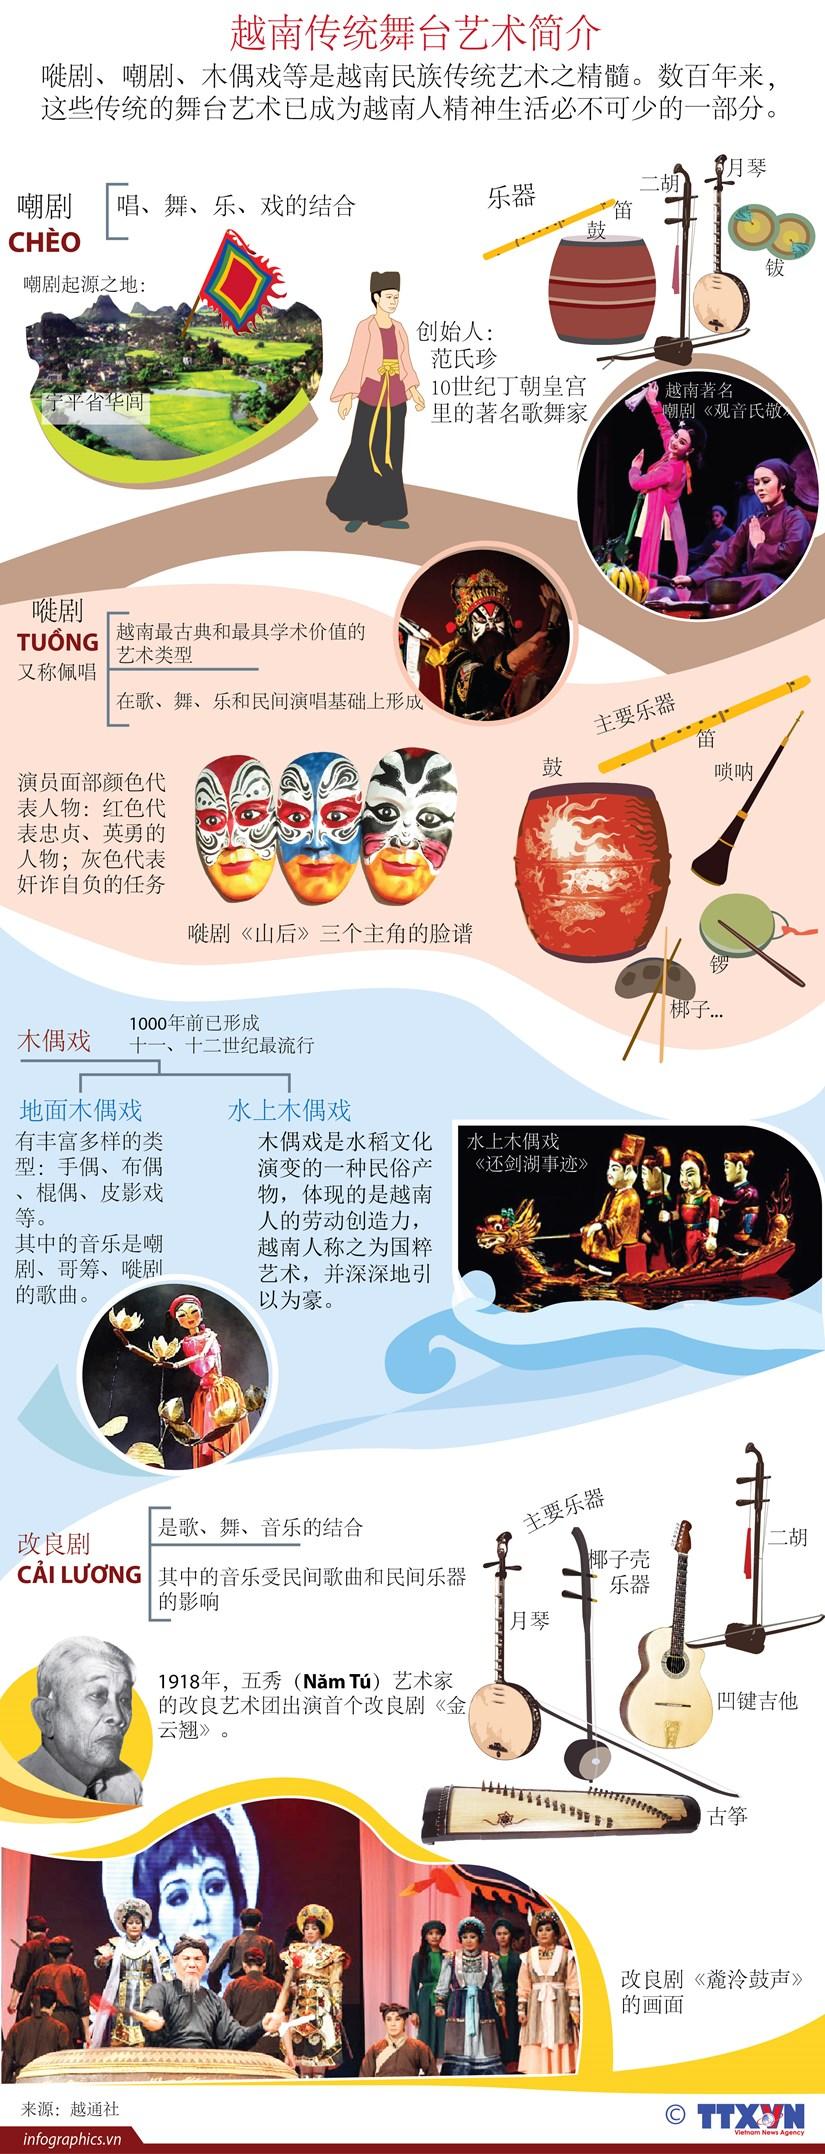 图表新闻:越南传统舞台艺术简介 hinh anh 1